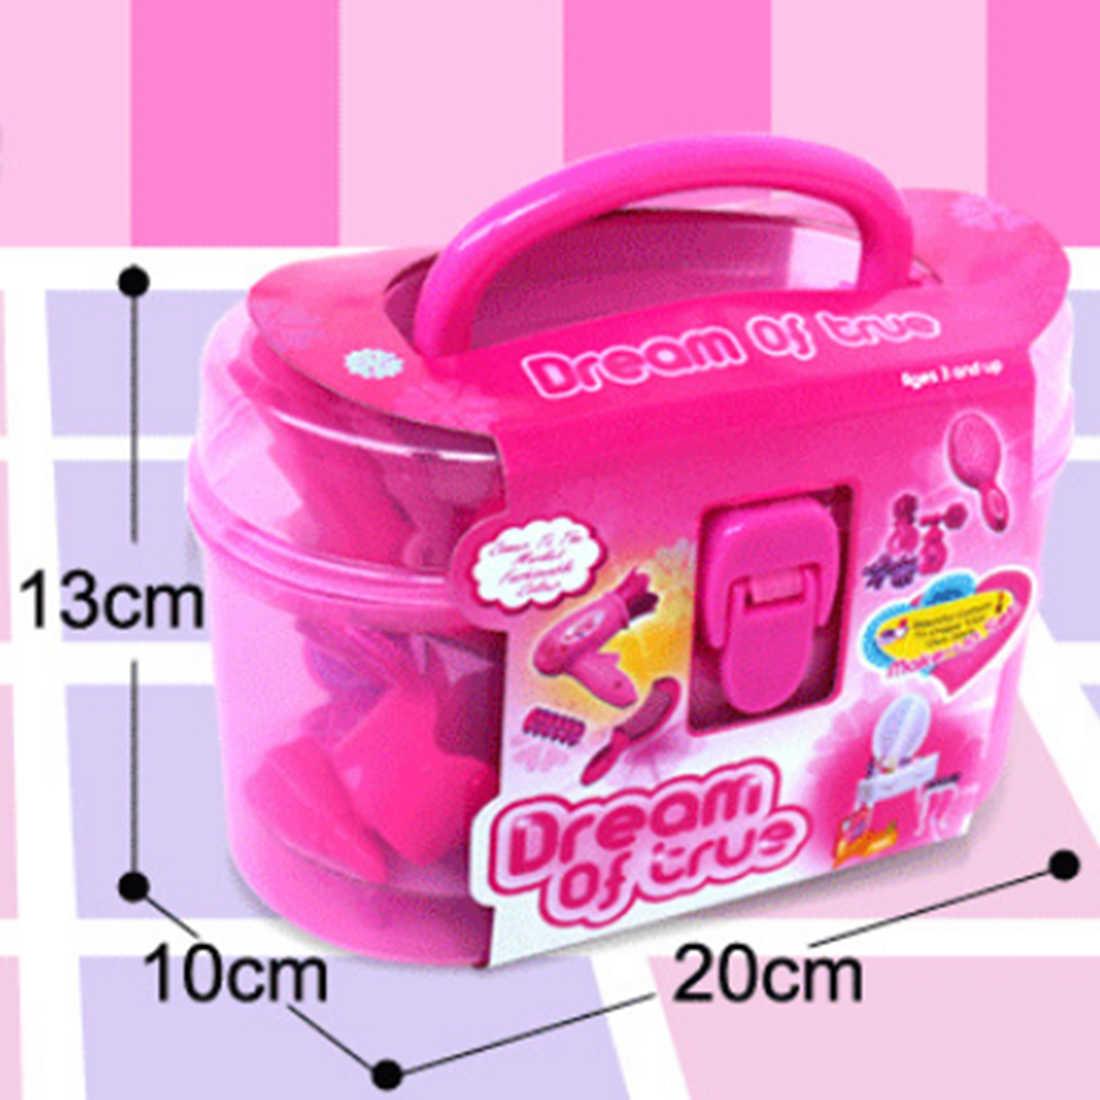 Surwish Аксессуары для девочек, игрушечный Макияж для ролевых игр, эмультационное платье, набор игрушек для макияжа, обучающая игрушка, подарок для девочек